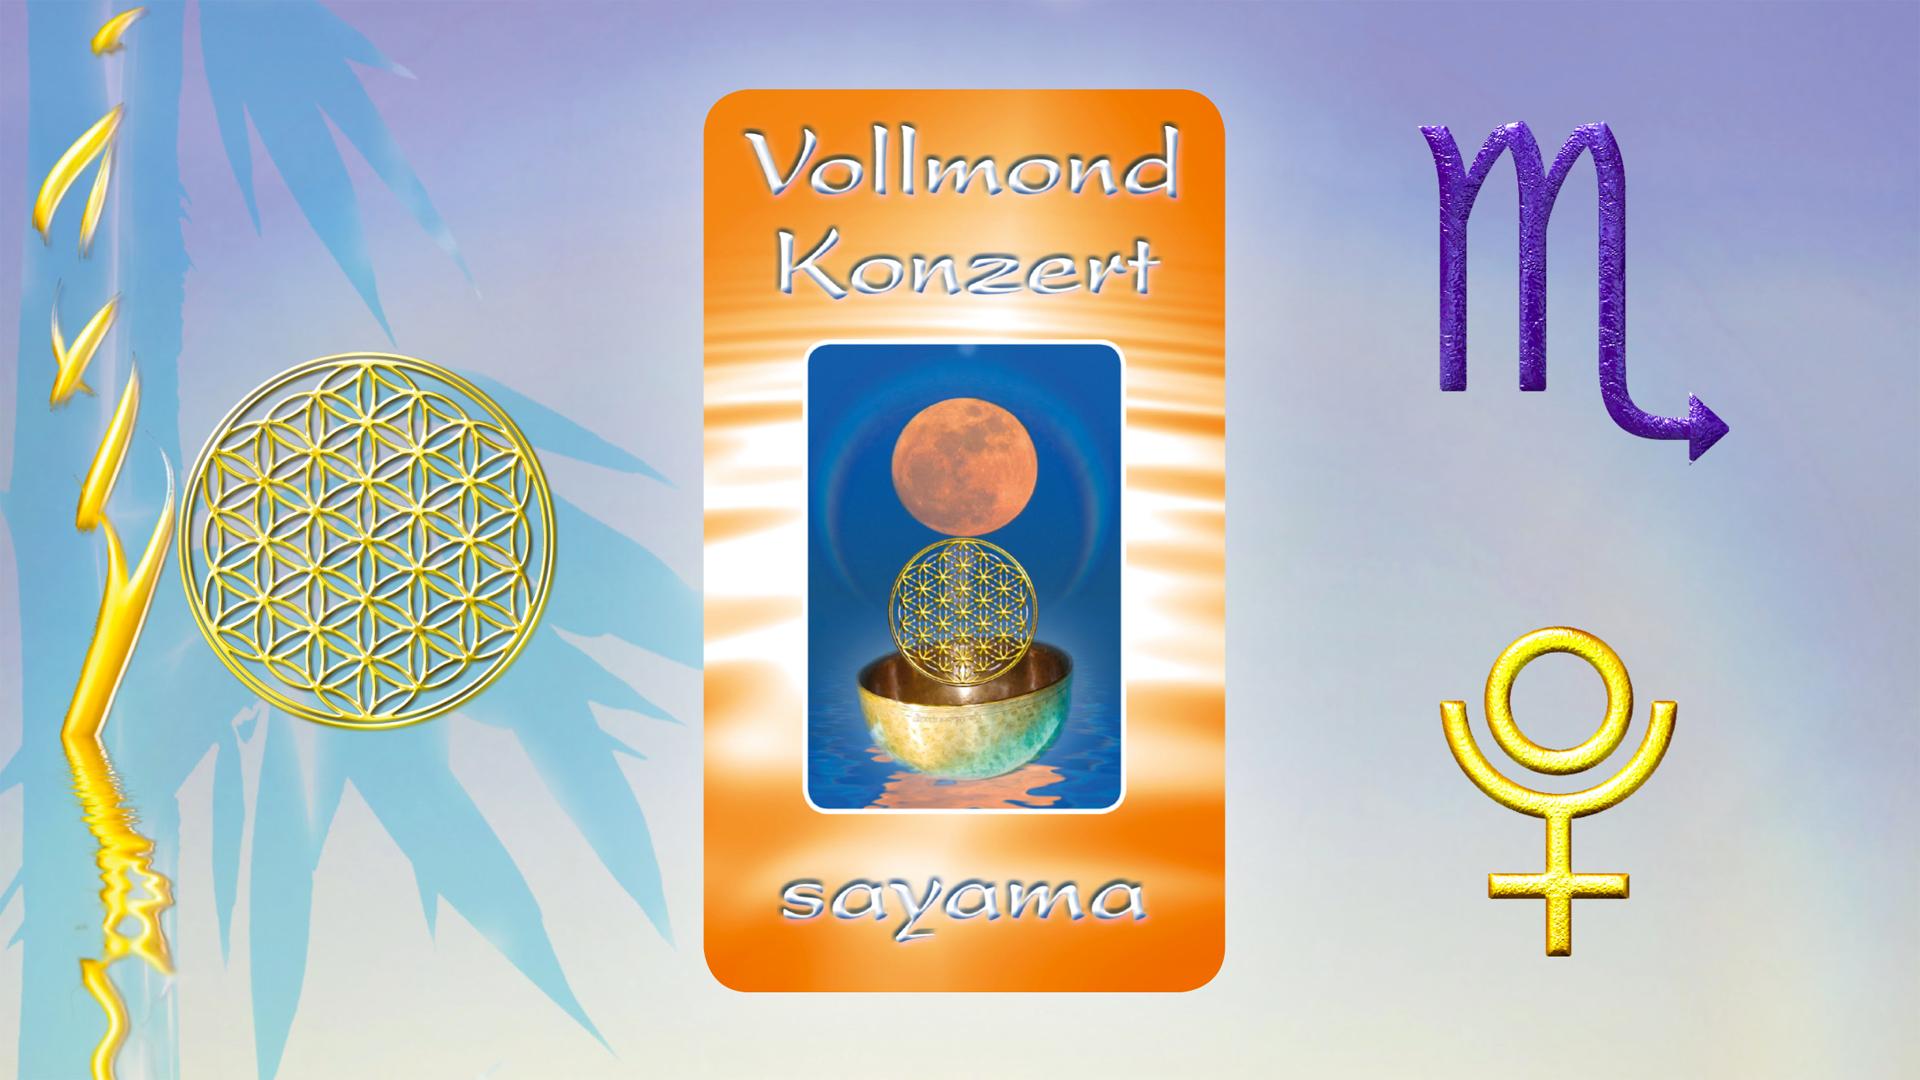 VollMond~Konzert im Zeichen Skorpion -  Planet Pluto